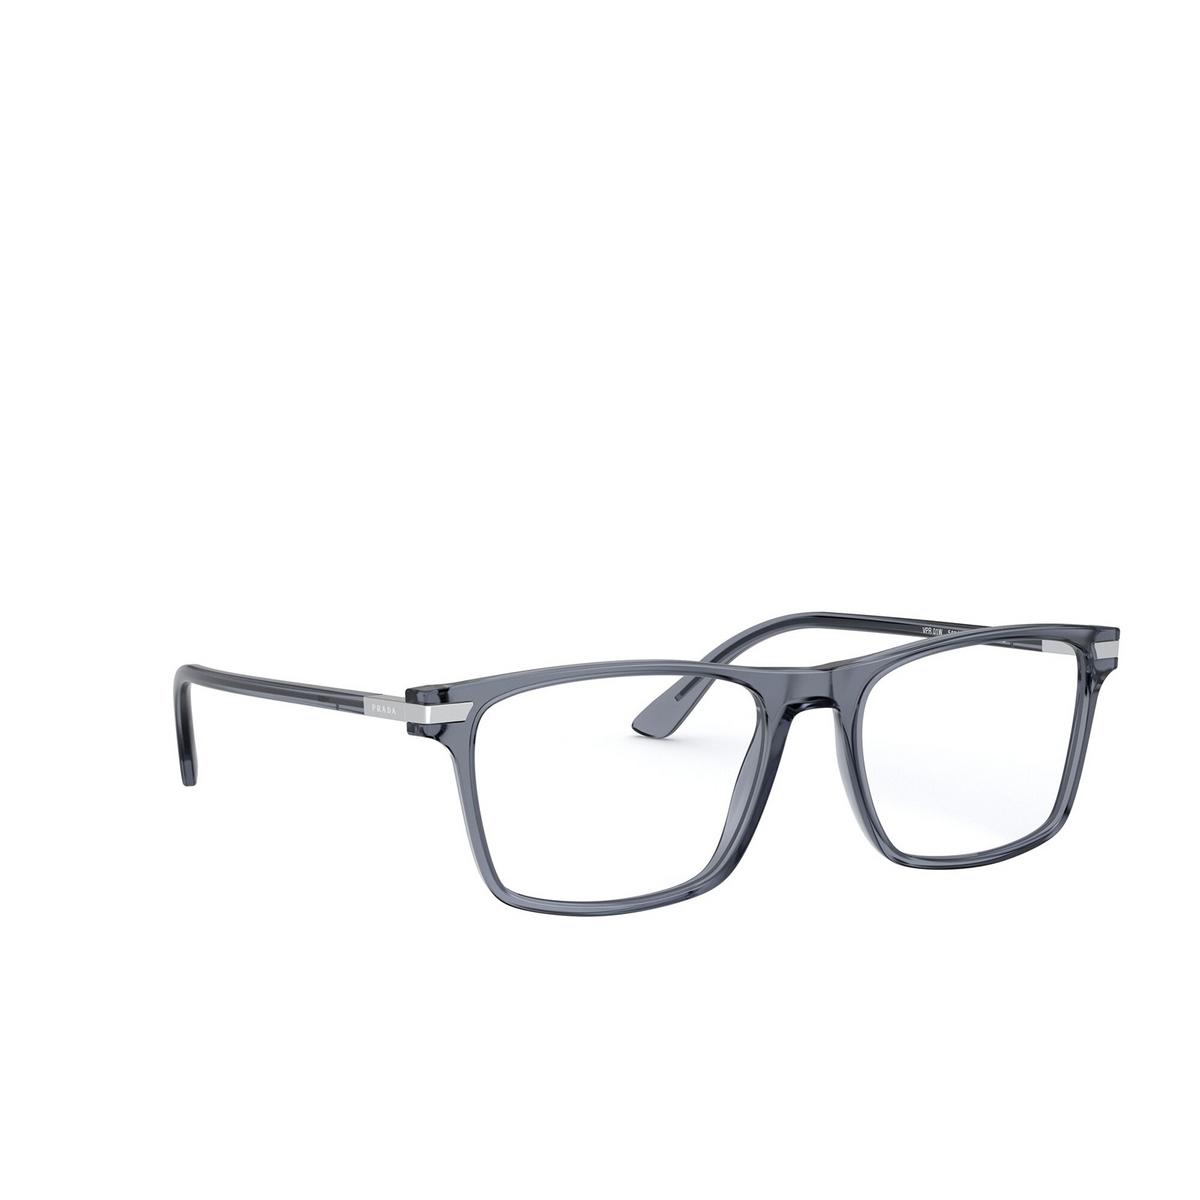 Prada® Rectangle Eyeglasses: PR 01WV color Grey 01G1O1 - three-quarters view.